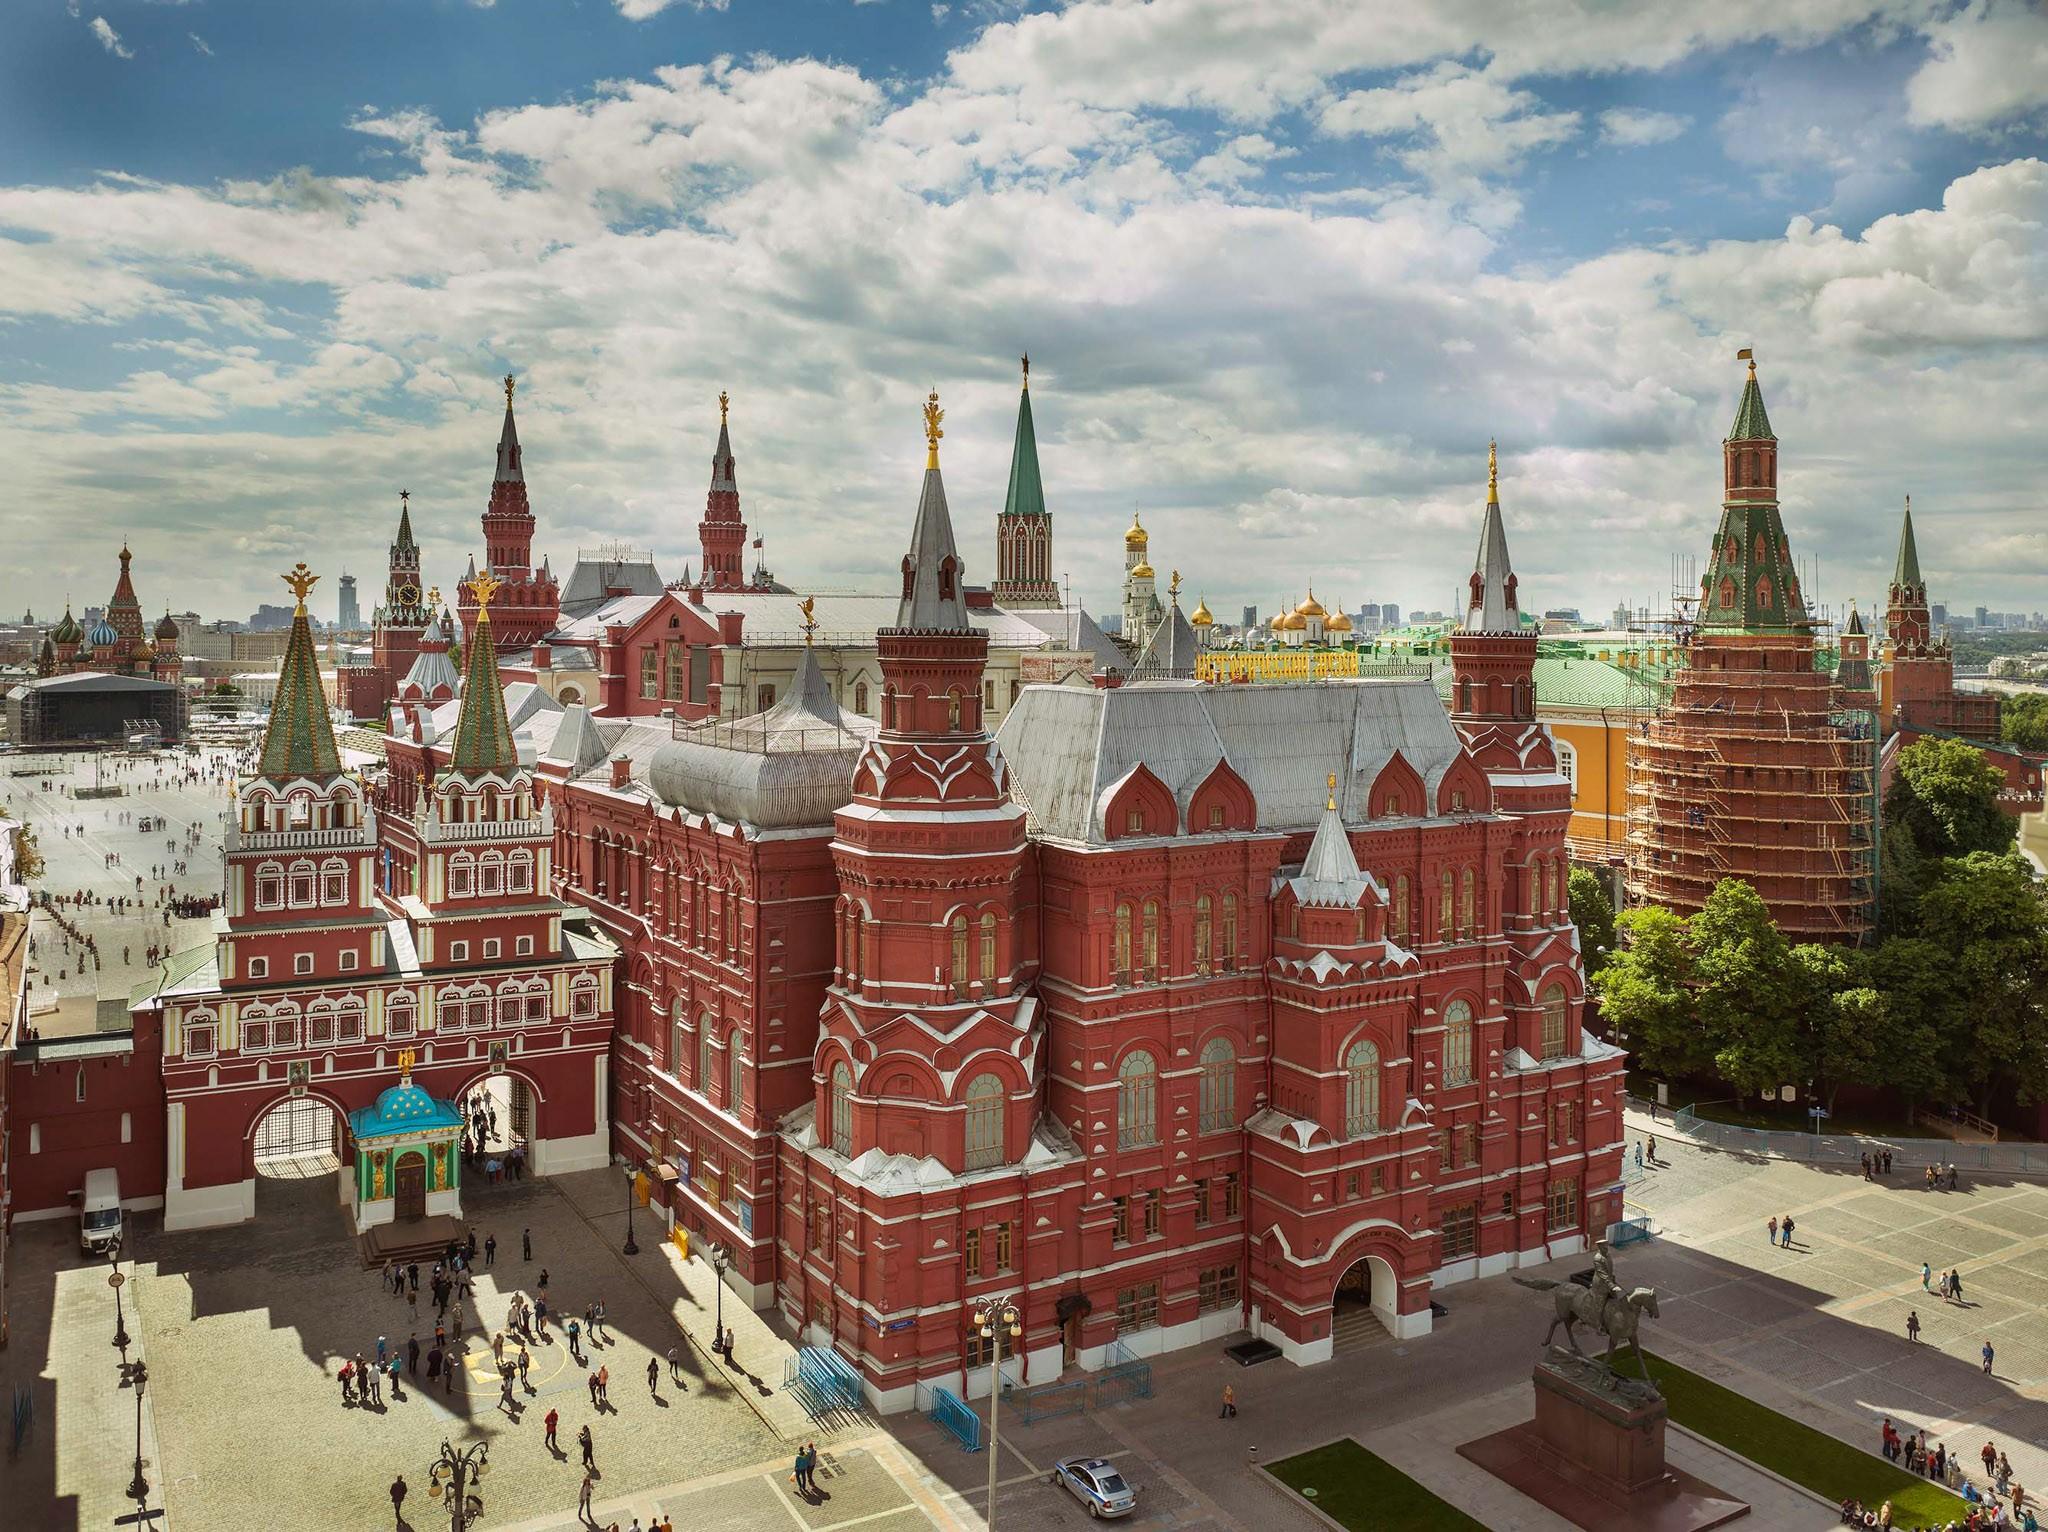 مسکو /جاذبه های دیدنی توریستی و گردشگری